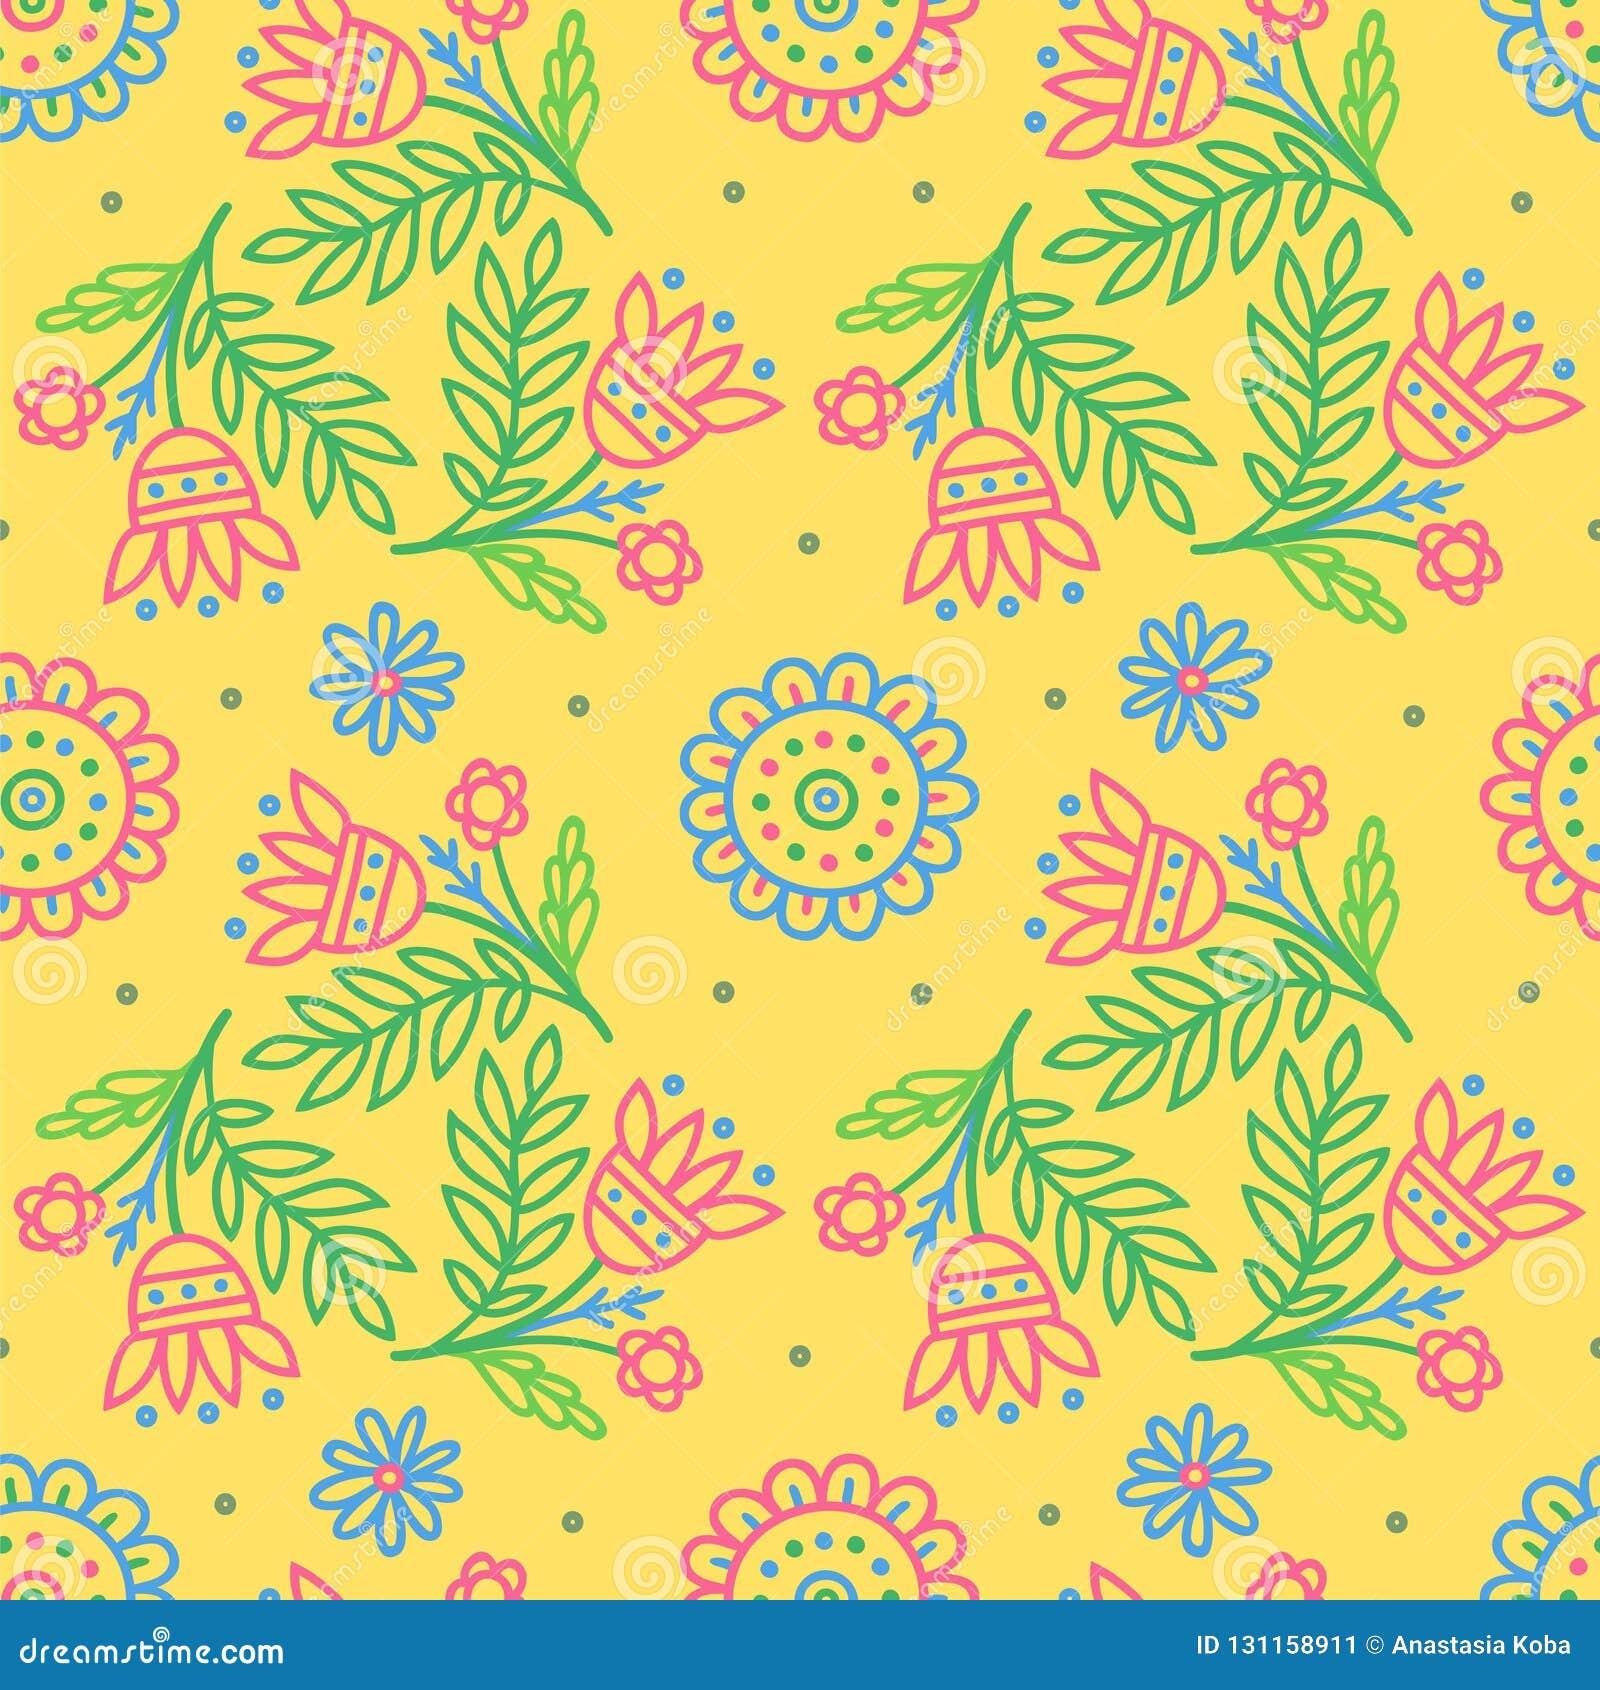 Stammes- Druck Ethnischer Hintergrund Gelbe Blumen, Basisrecheneinheit, Inneres mit Tropfen Vektortapete